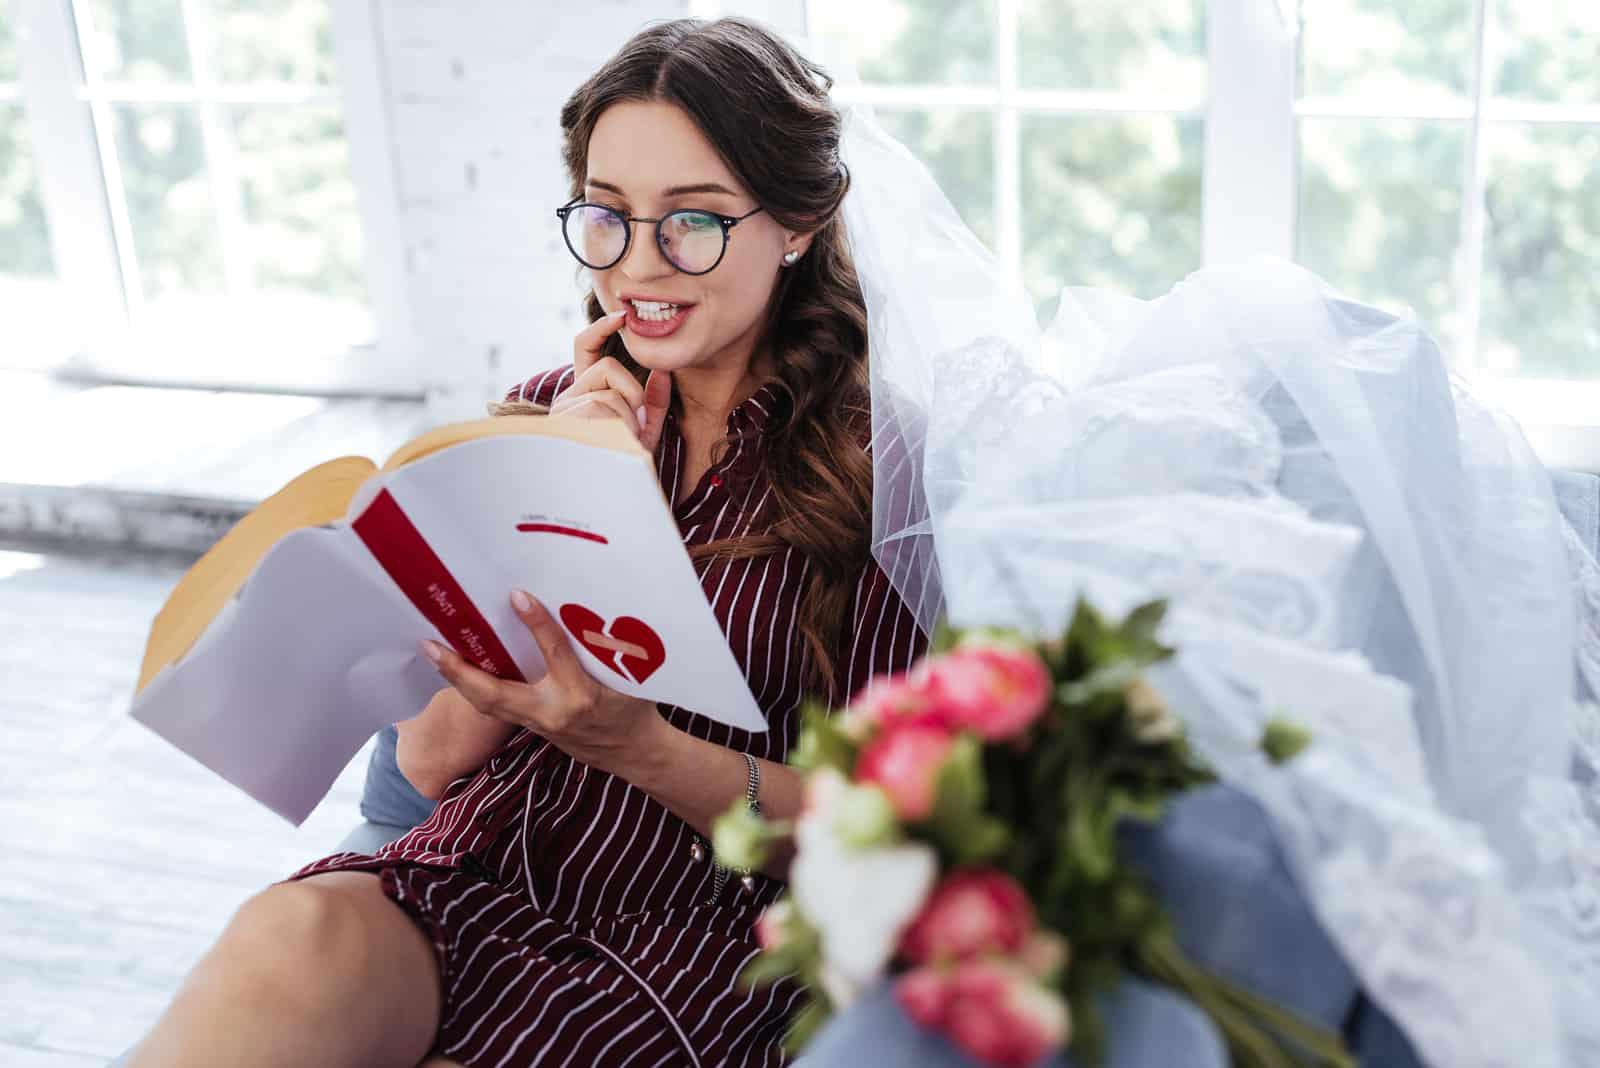 Eine schöne zukünftige Braut plant eine Hochzeit